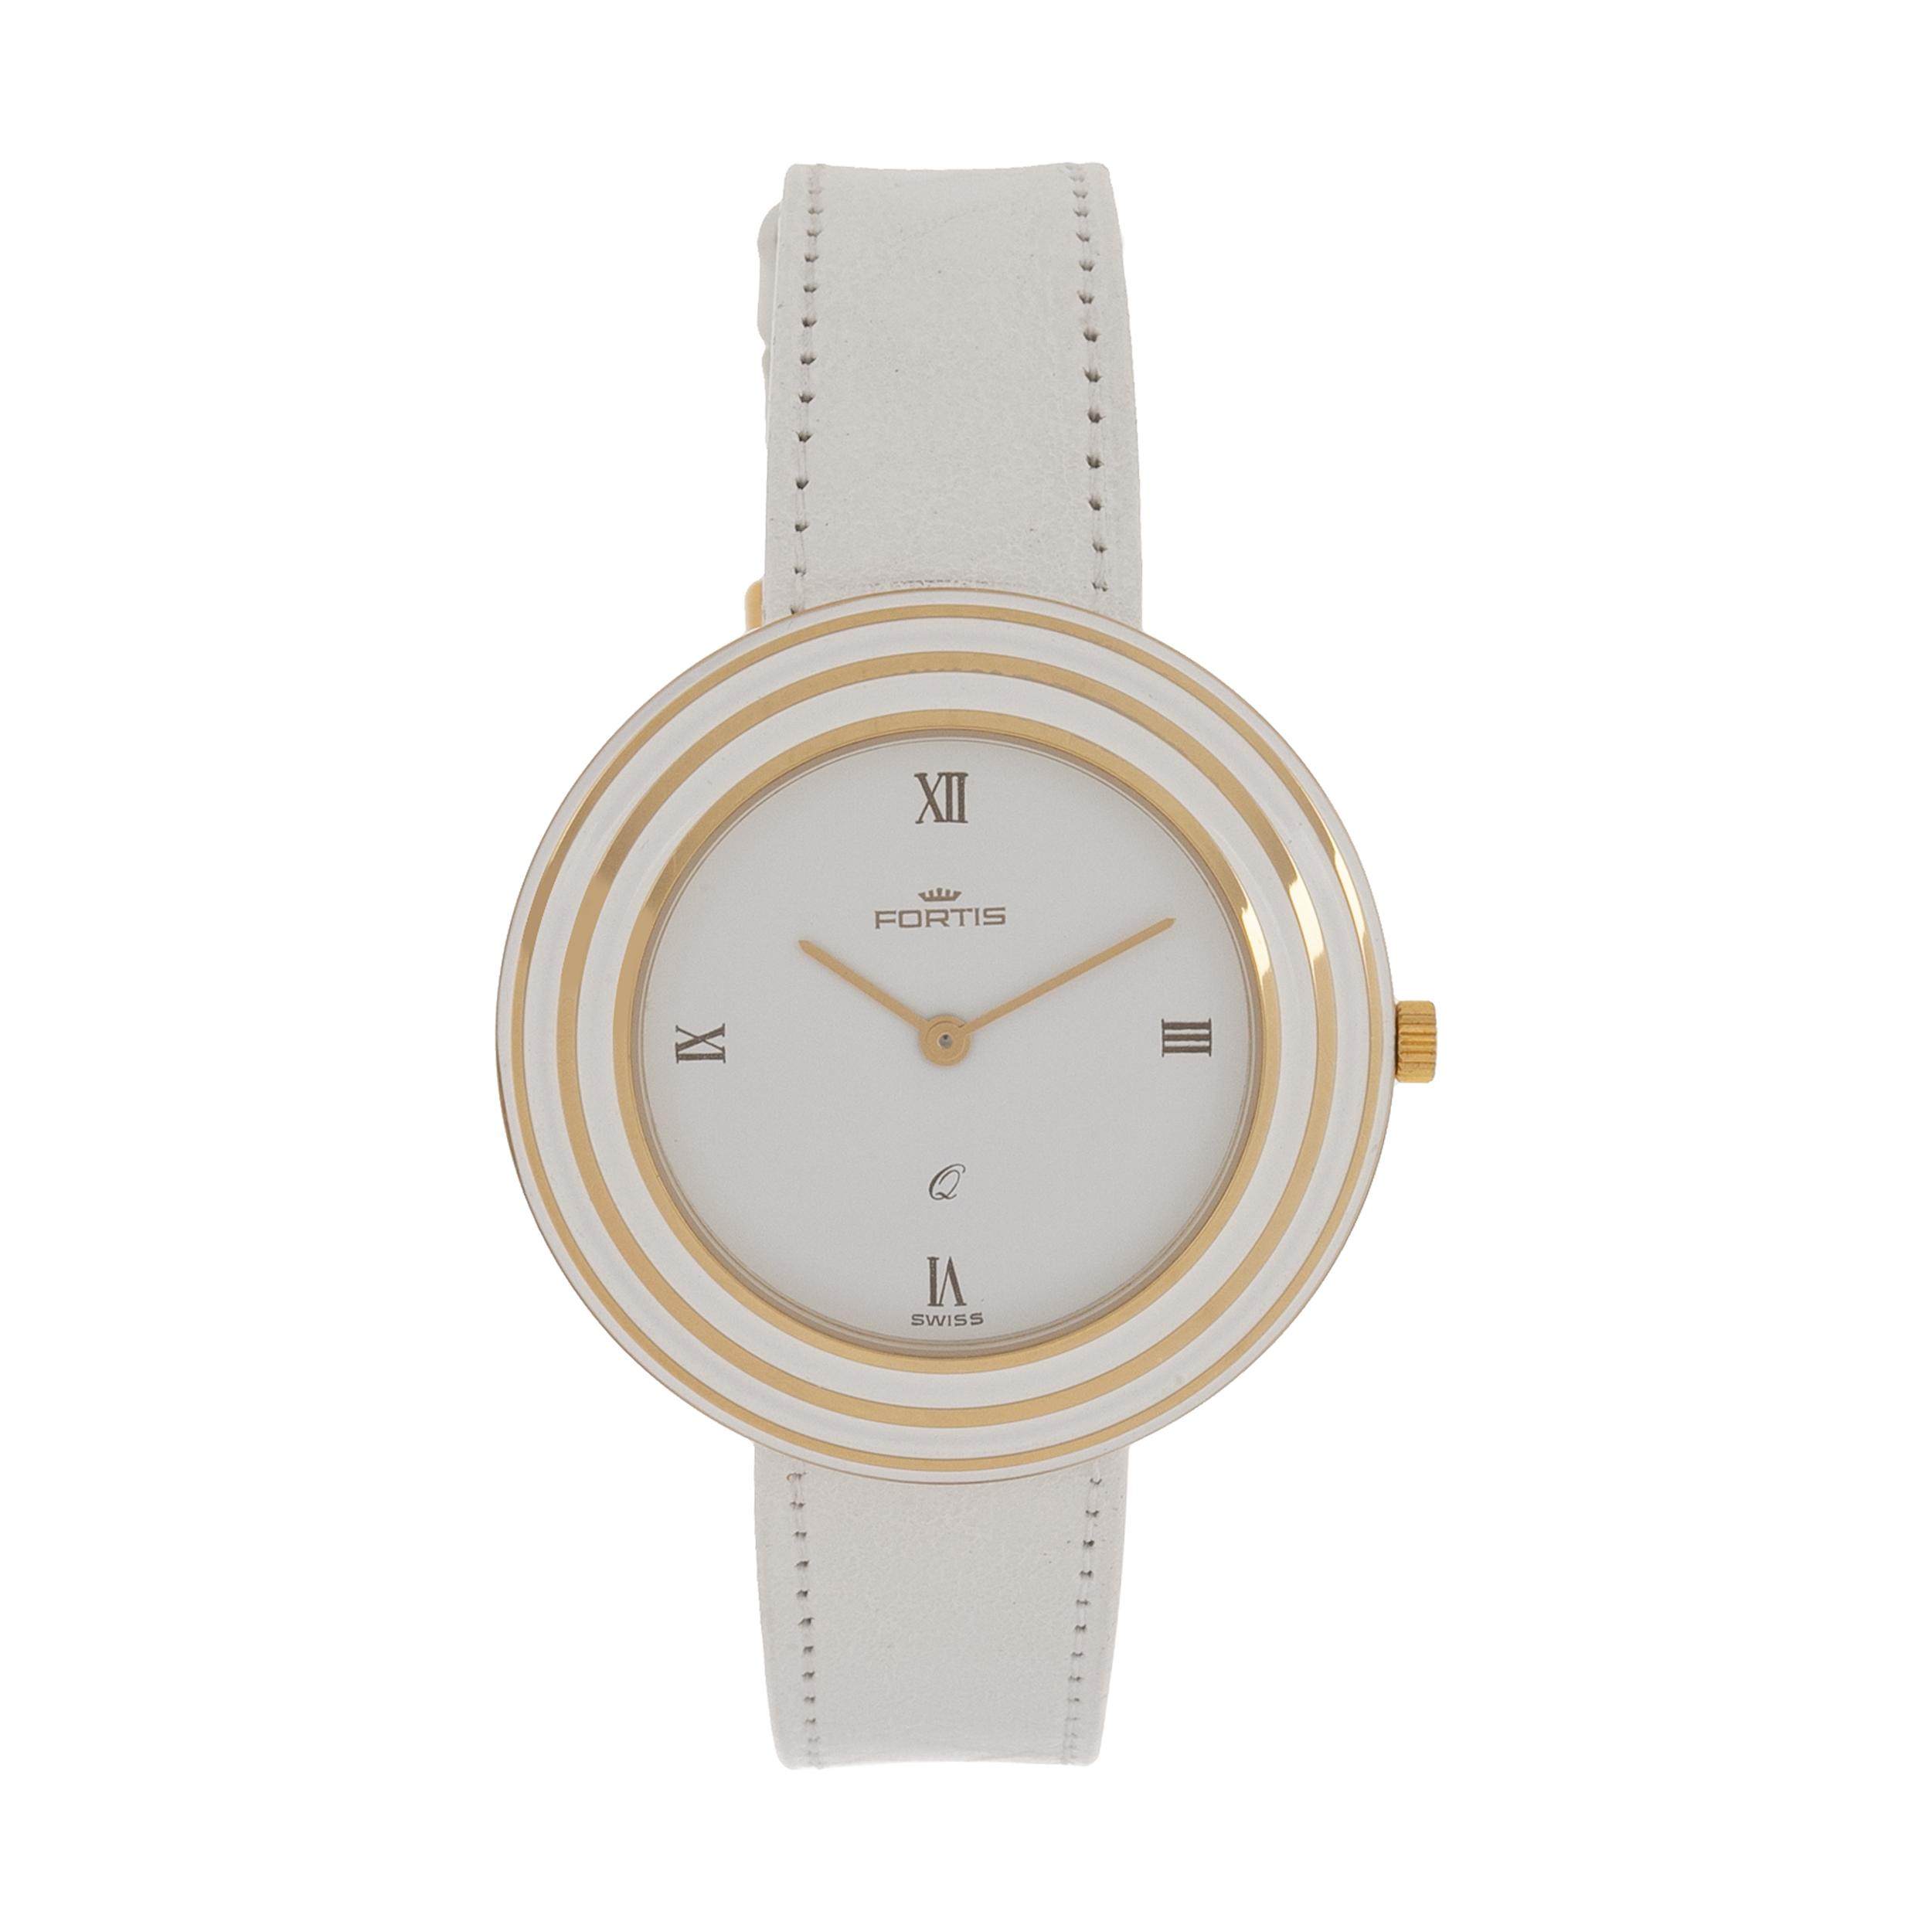 ساعت مچی عقربه ای زنانه فورتیس مدل F 5599.36.22